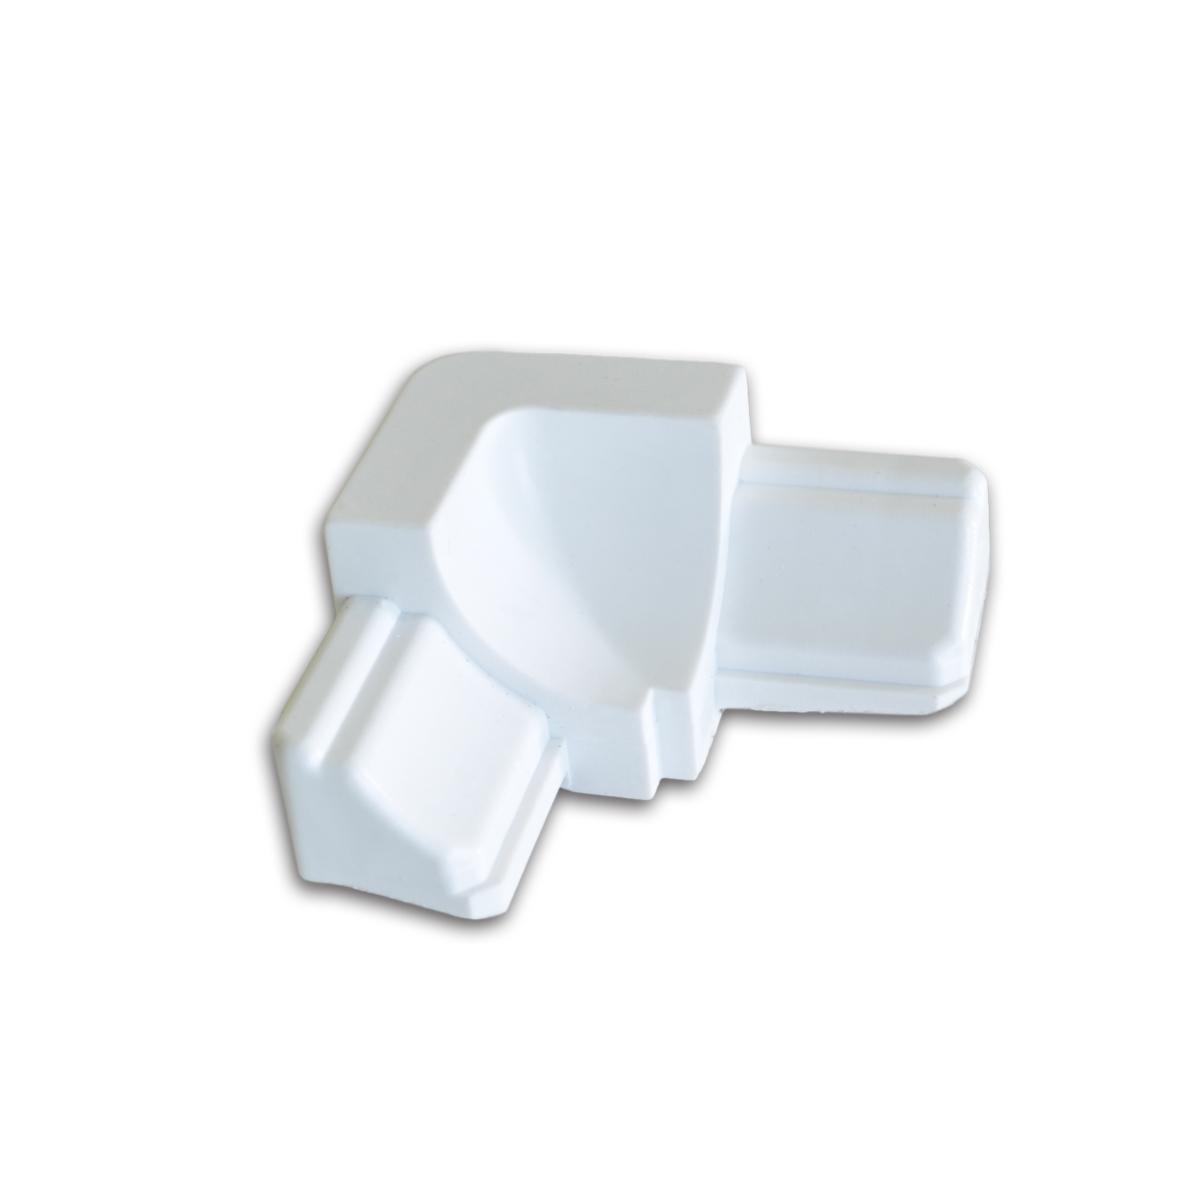 Giunti Accessori Coflex CRI Profilitec